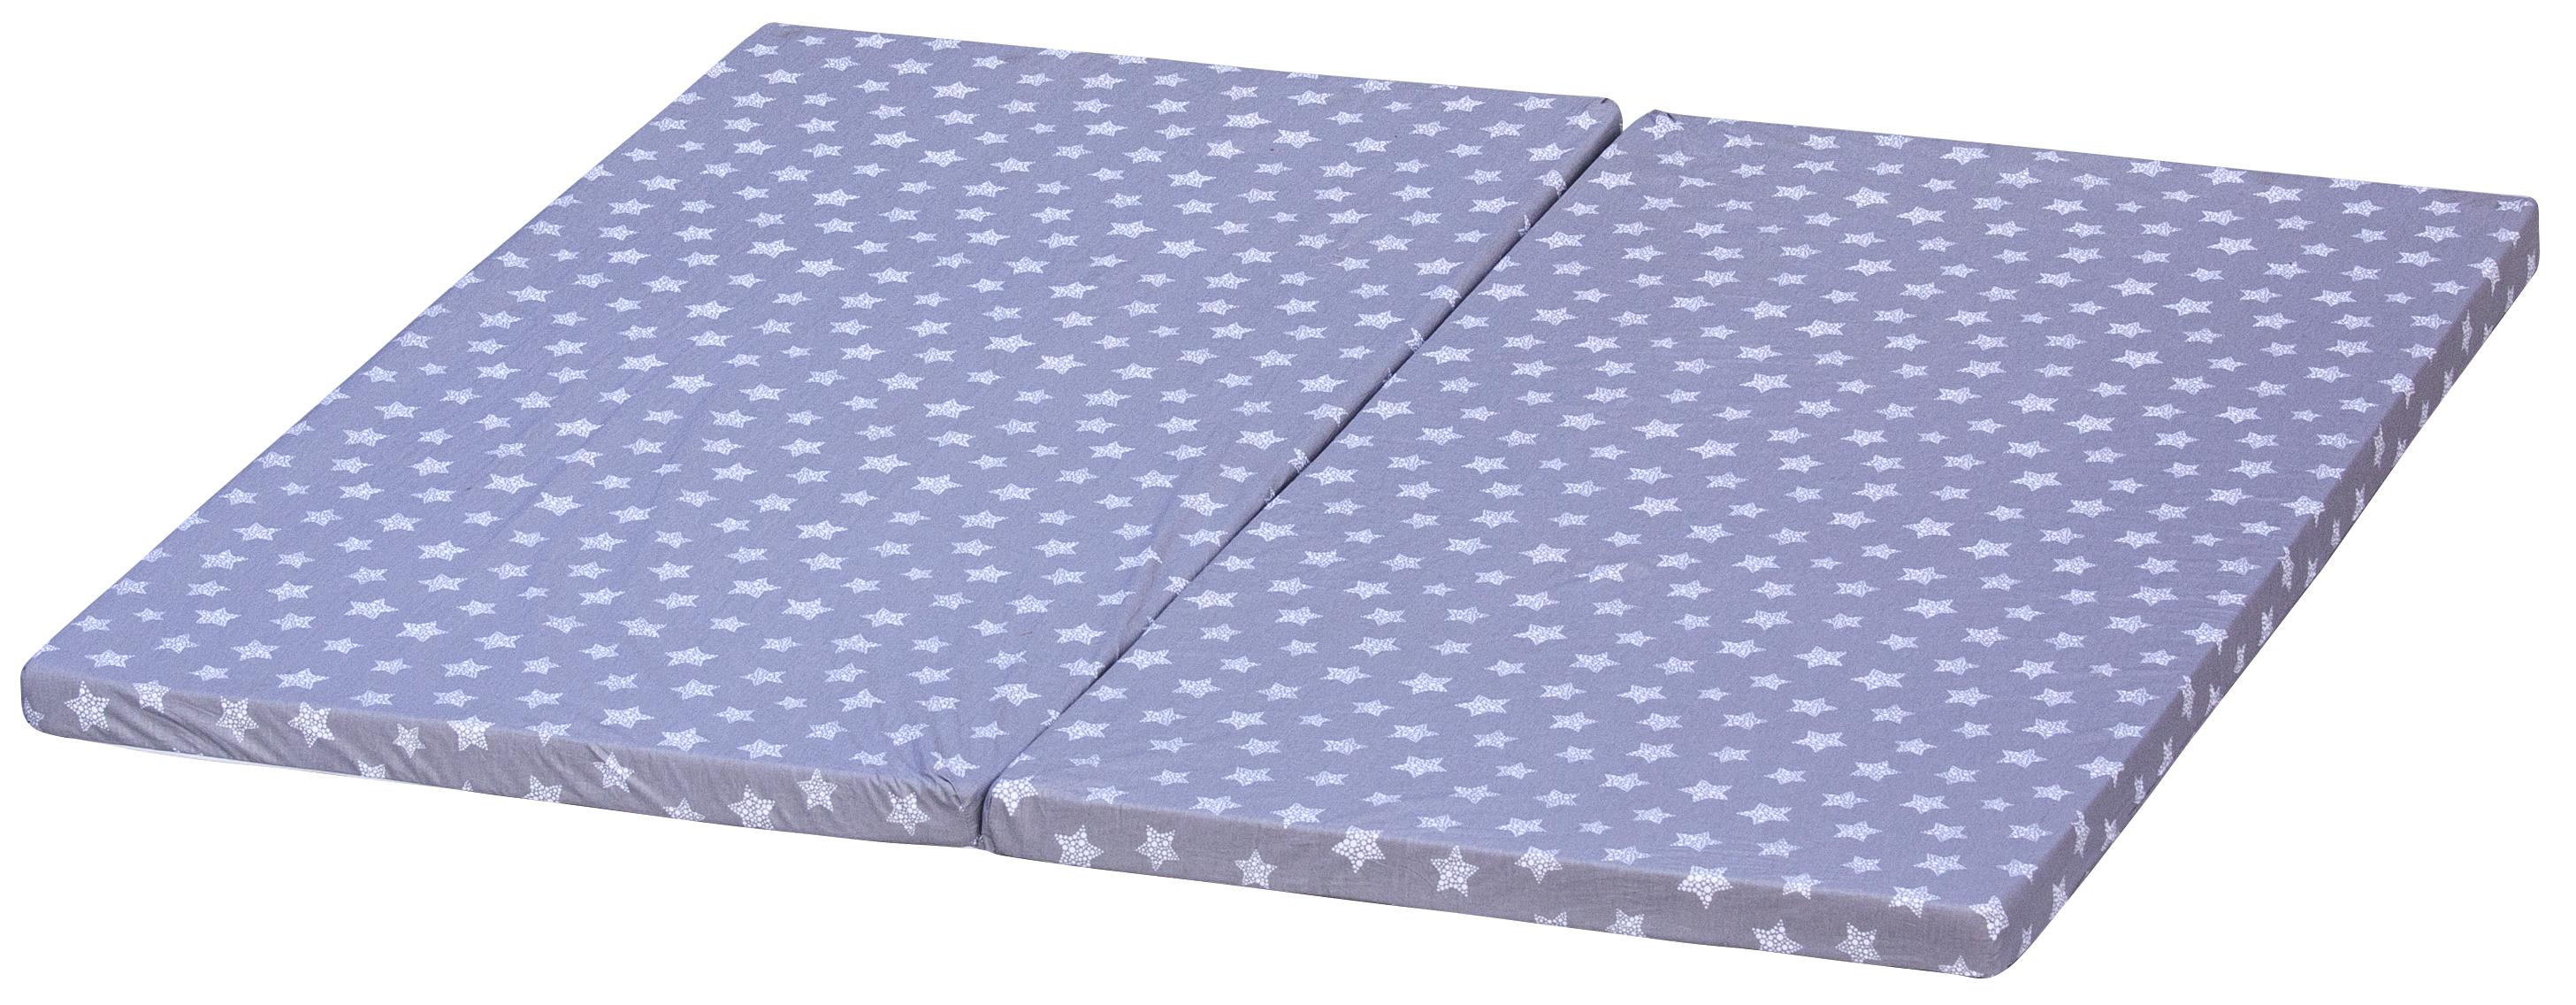 Matrace Hvězdička do ohrádky Diana - šedá, 180 x 180 cm